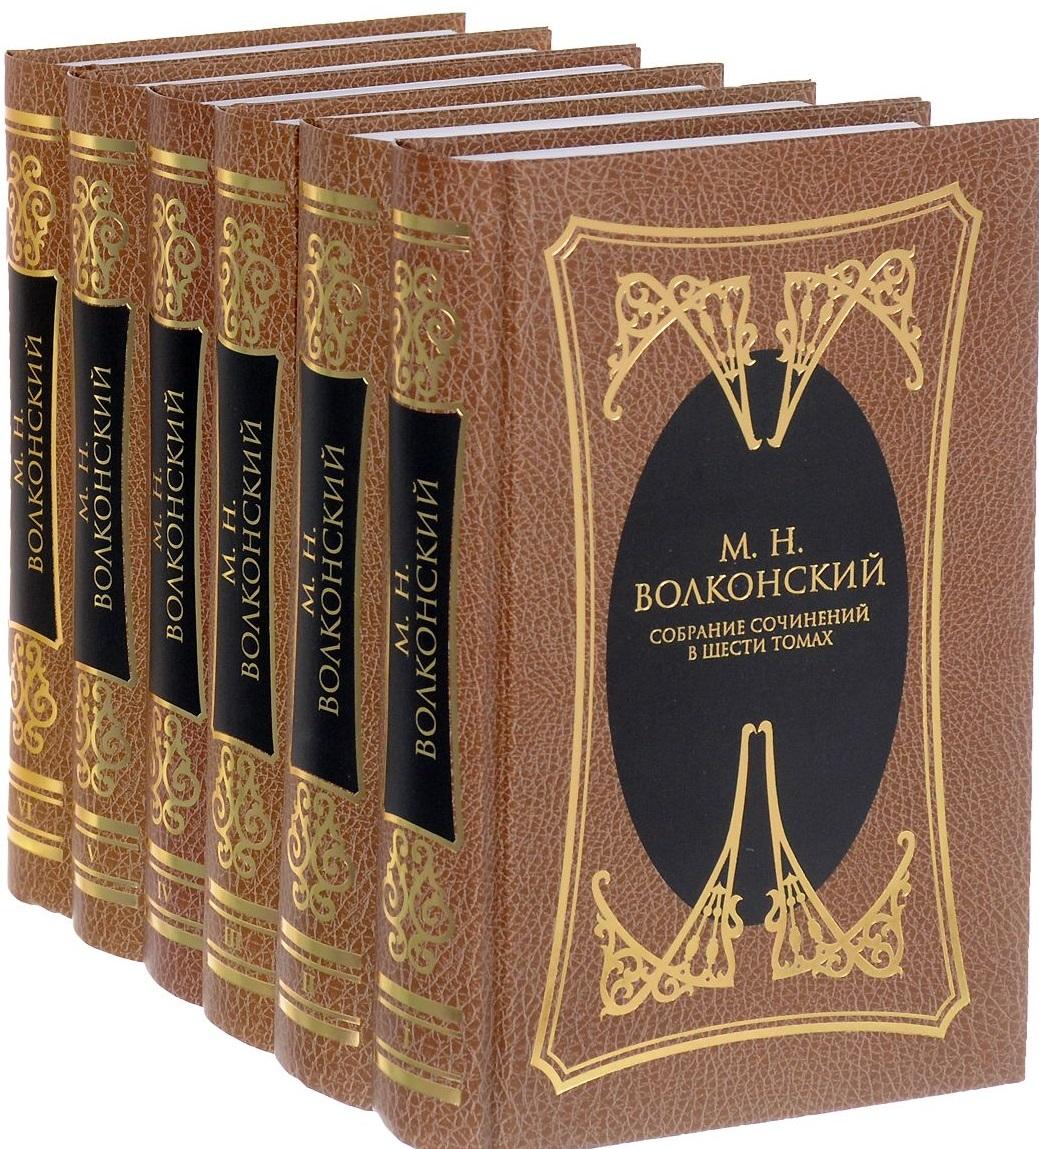 Собрание сочинений в шести томах. Комплект из 6 книг